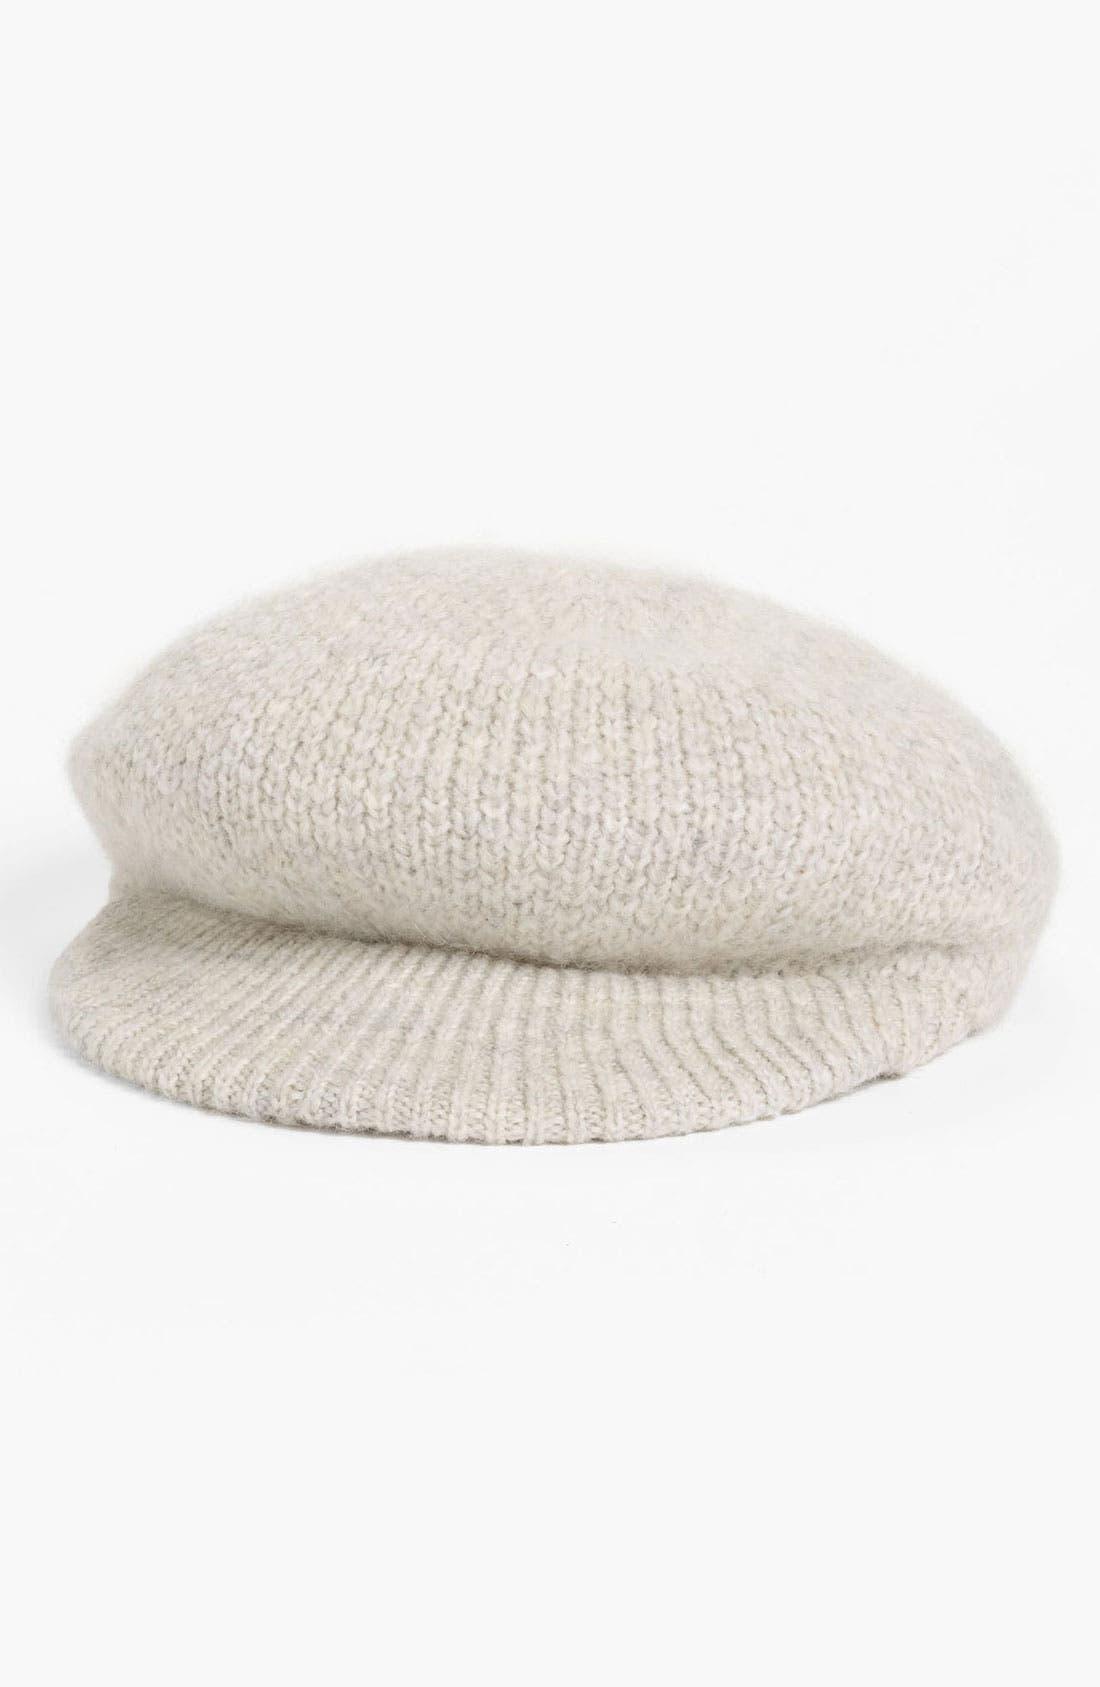 Main Image - Lauren Ralph Lauren Newsboy Hat